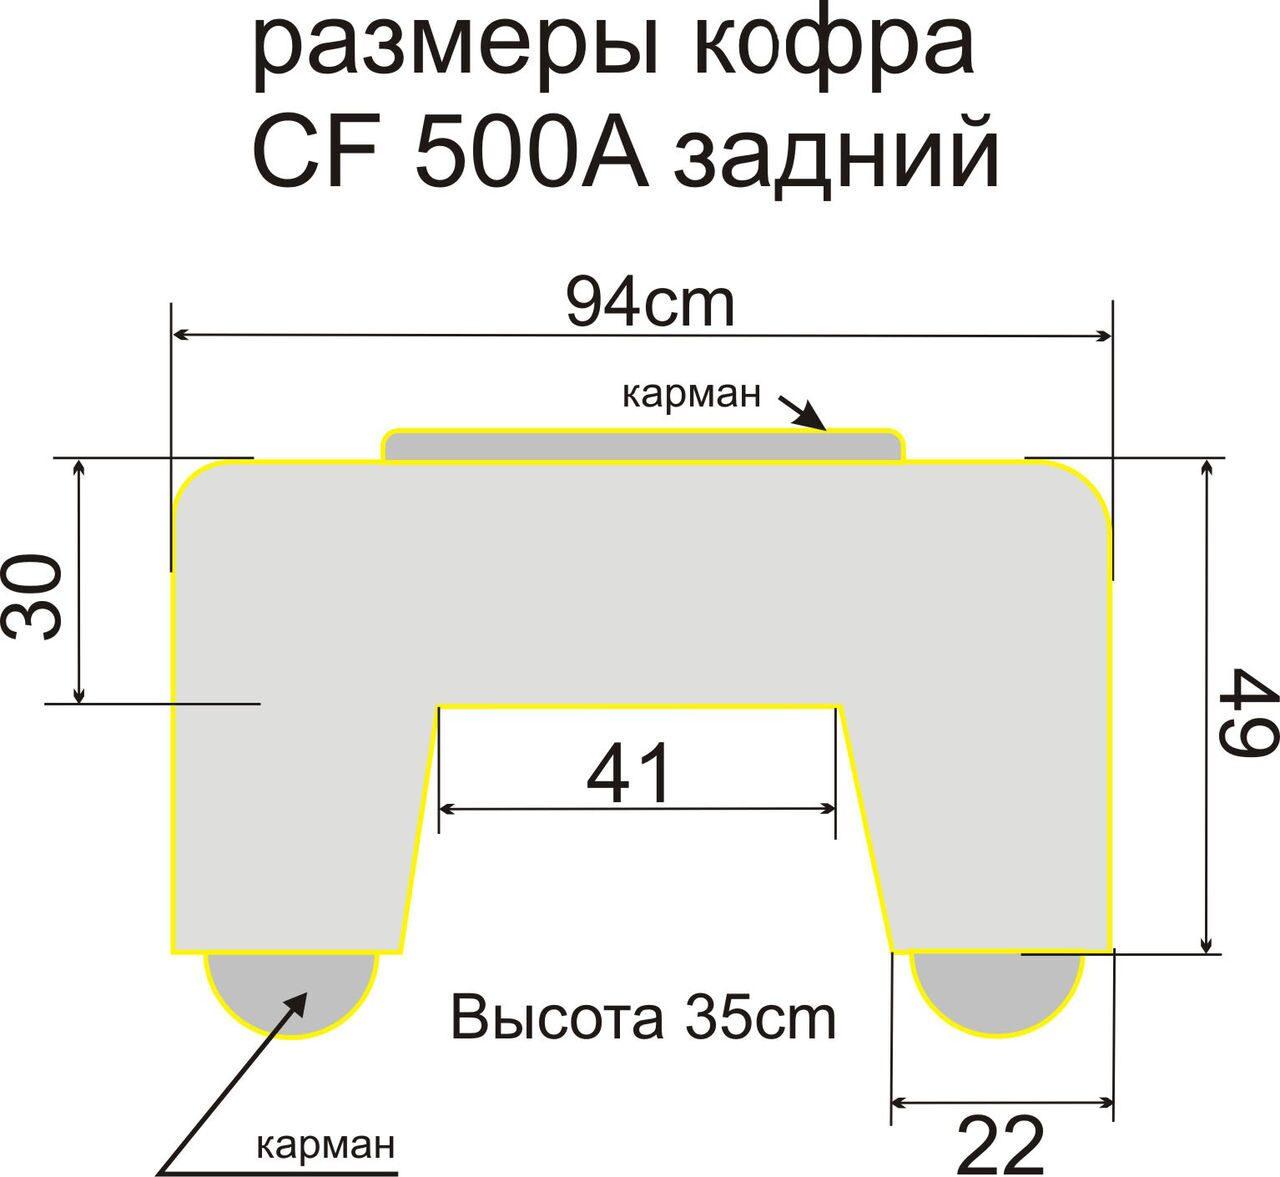 Логопериодическая антенна 3g